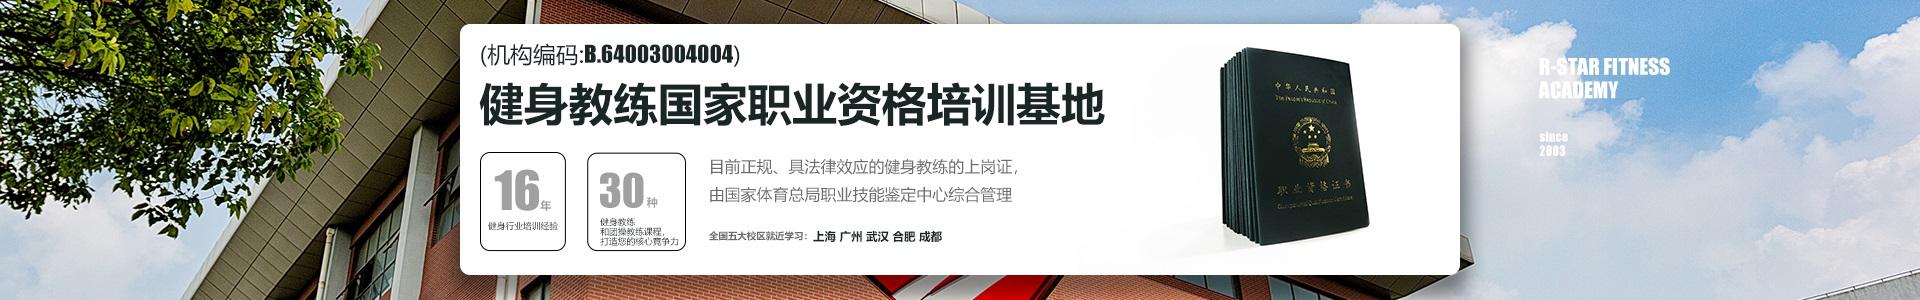 上海銳星健身教練培訓學院